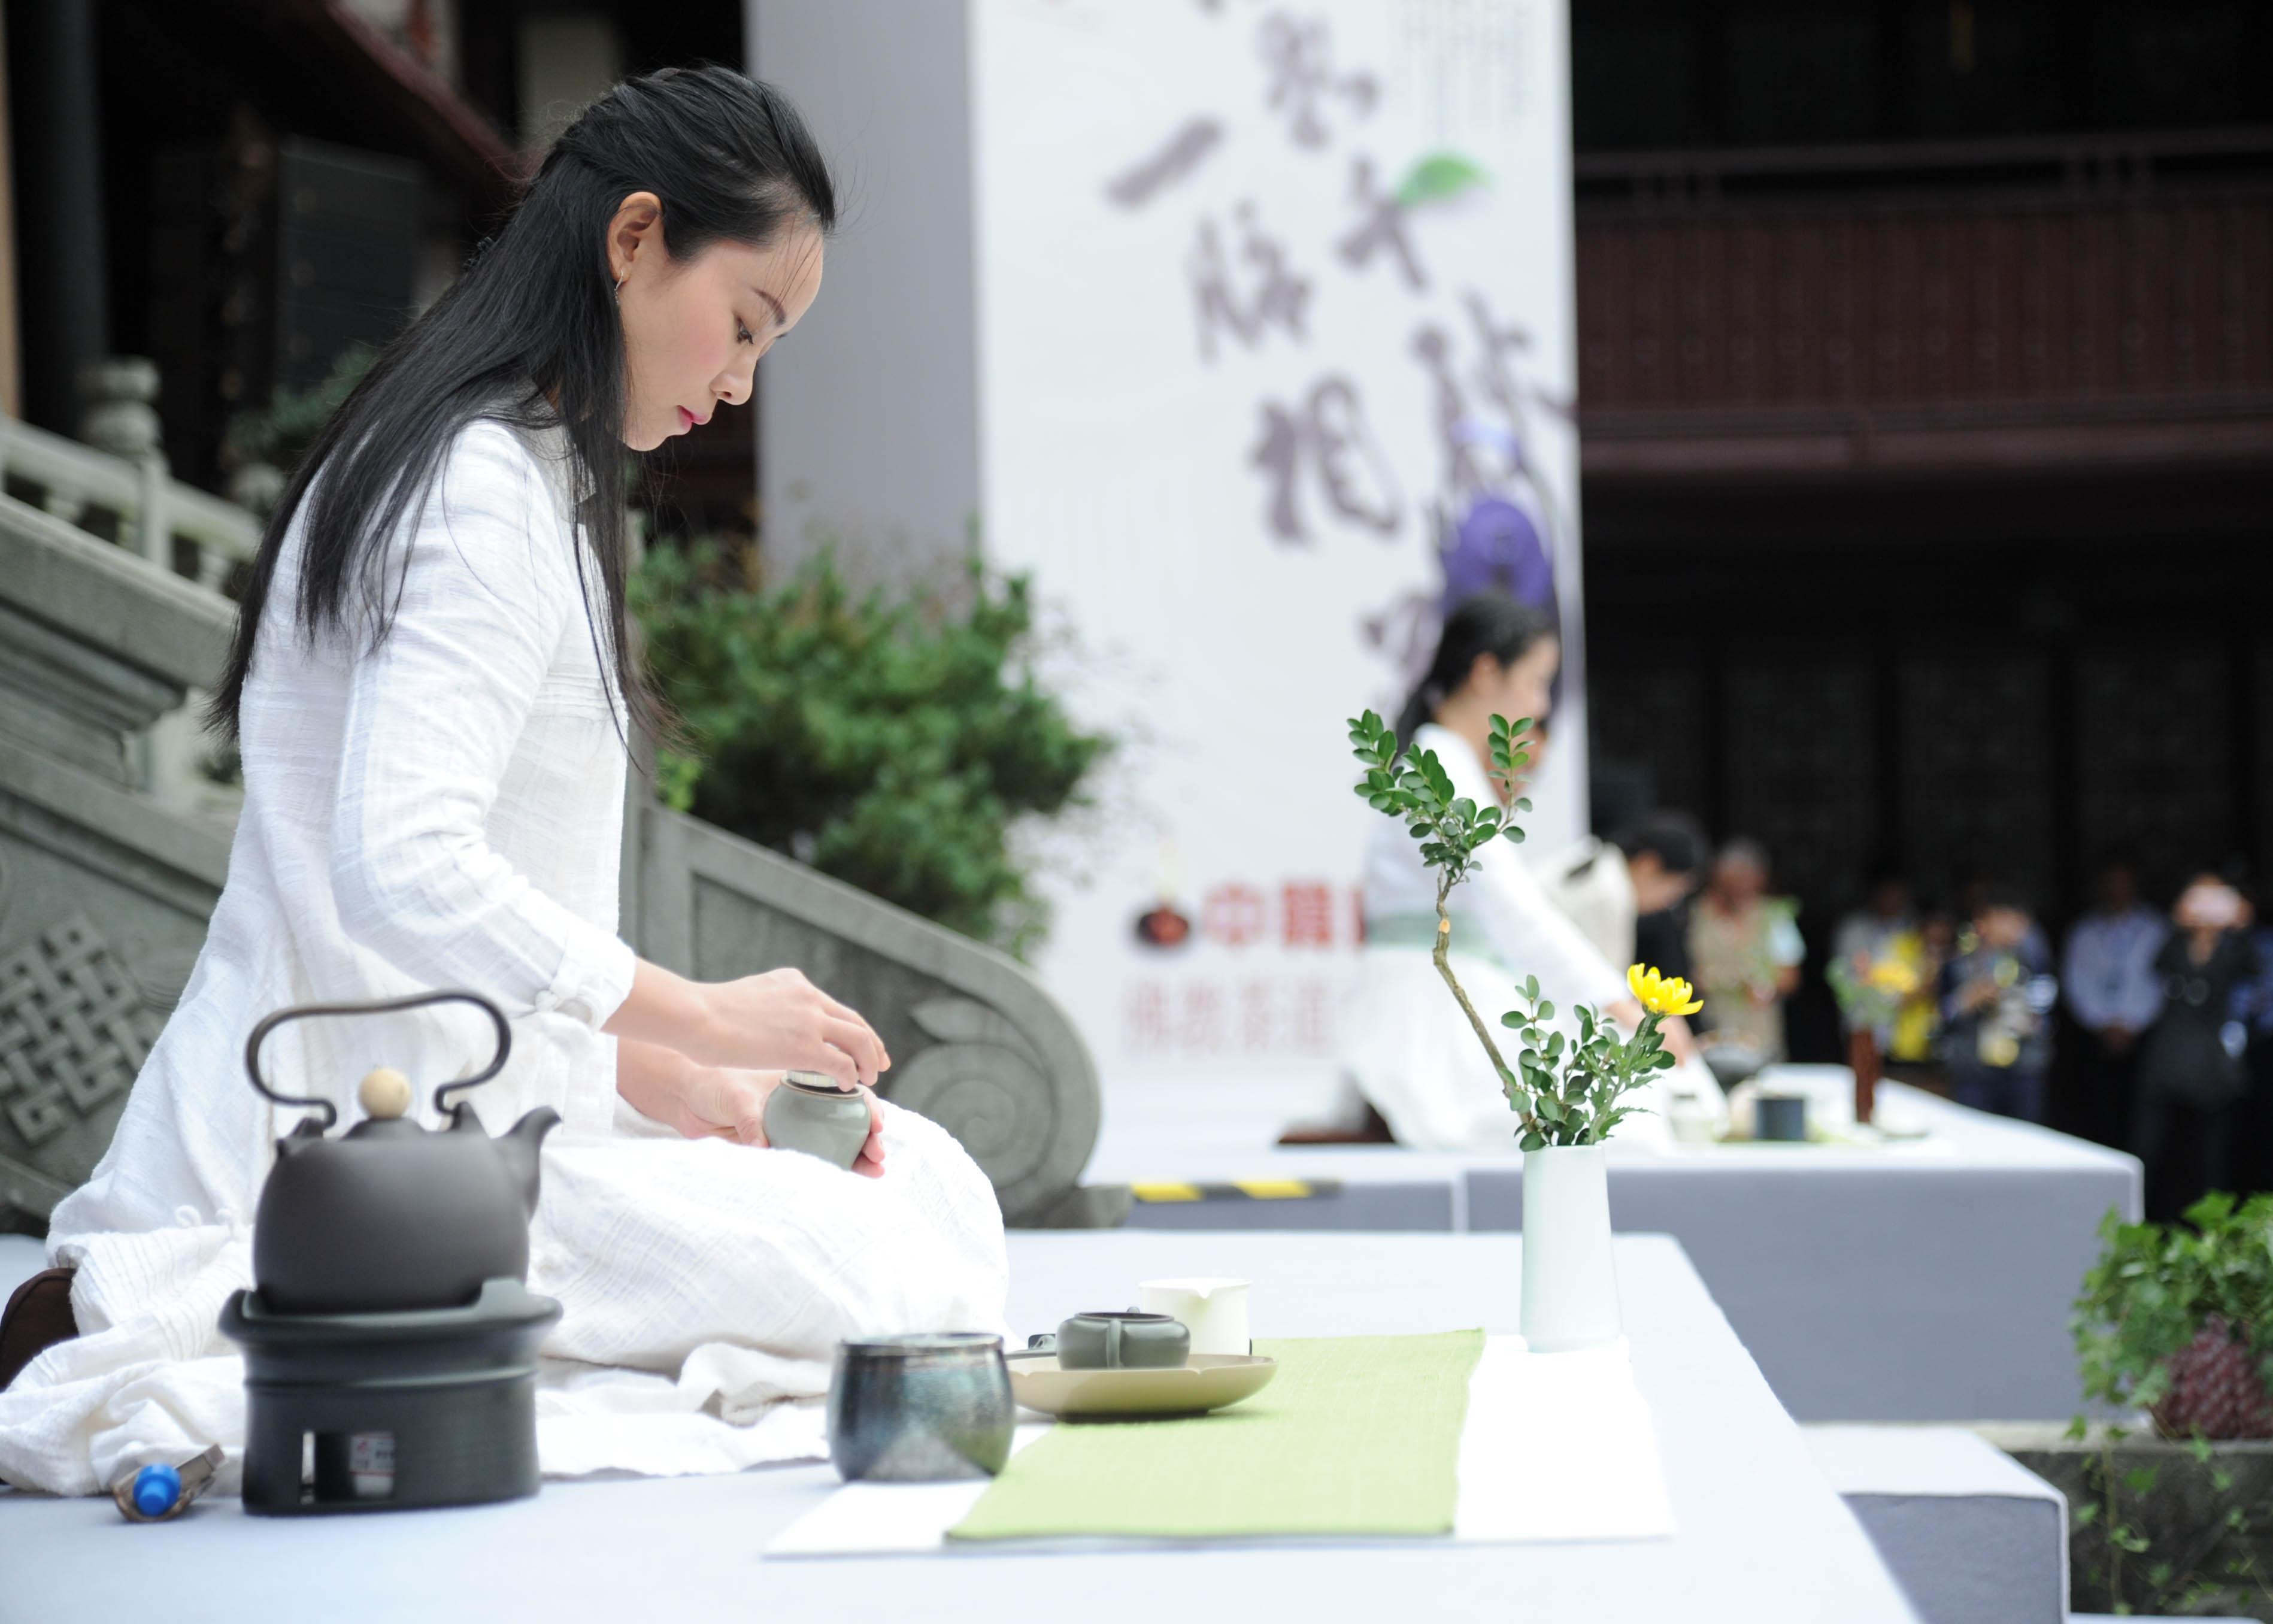 枣庄市中区启动首届中华传统文化才艺大赛 奖金高达万元